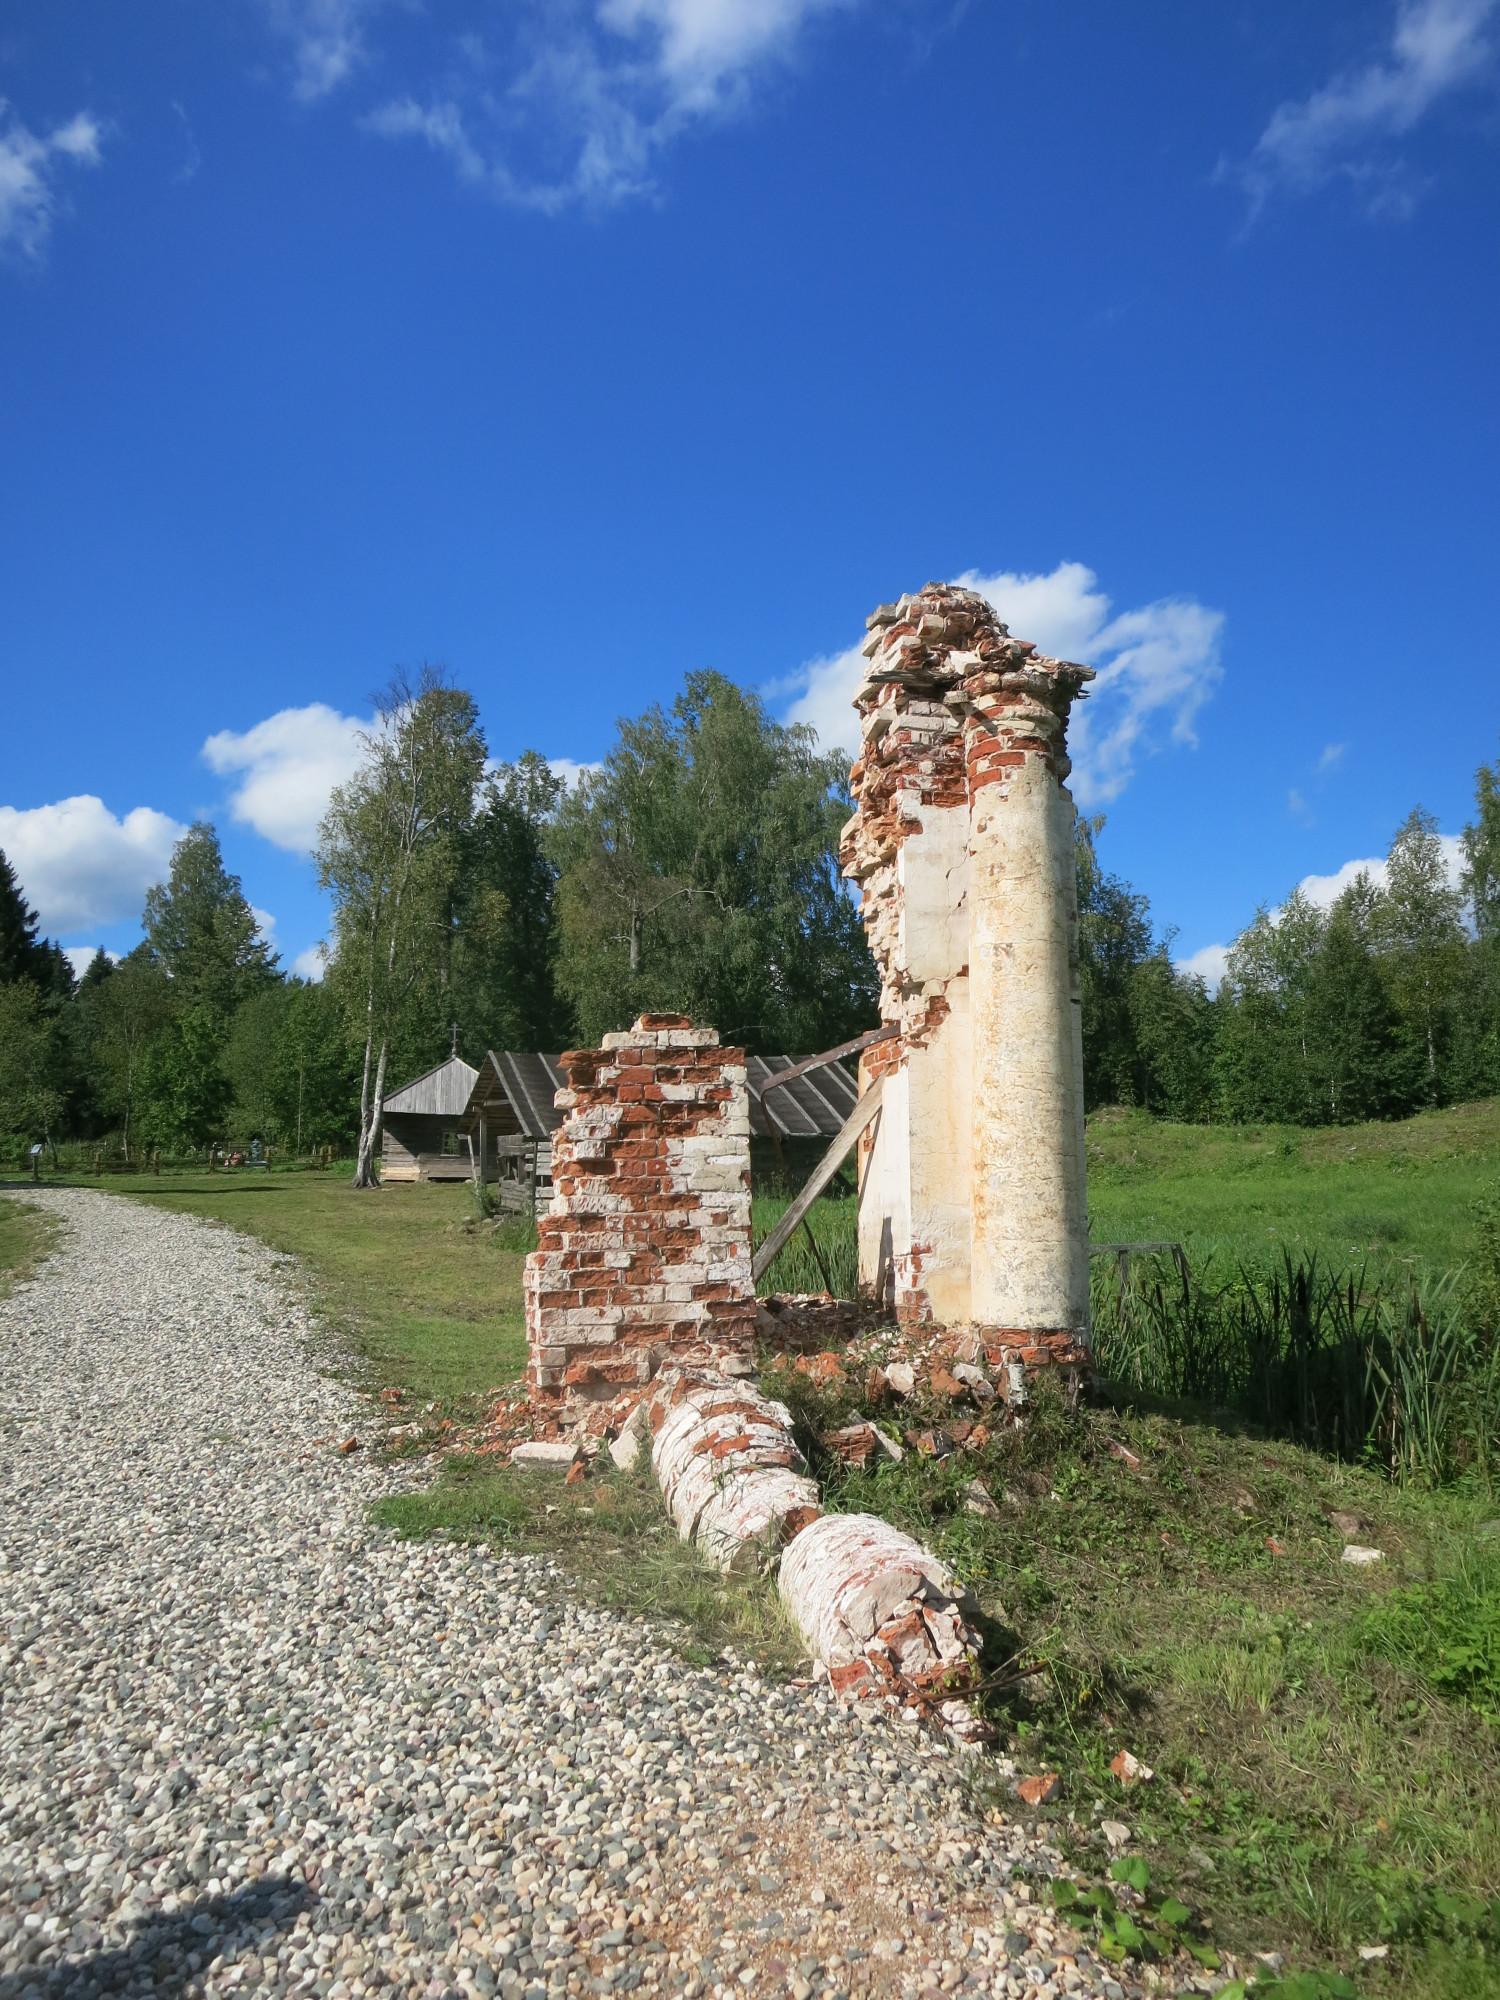 Видимо, руины церковной ограды и каких-то хозяйственных построек. Никаких руин каменной церкви не просматривается. И что с неё стало, тоже не понятно.